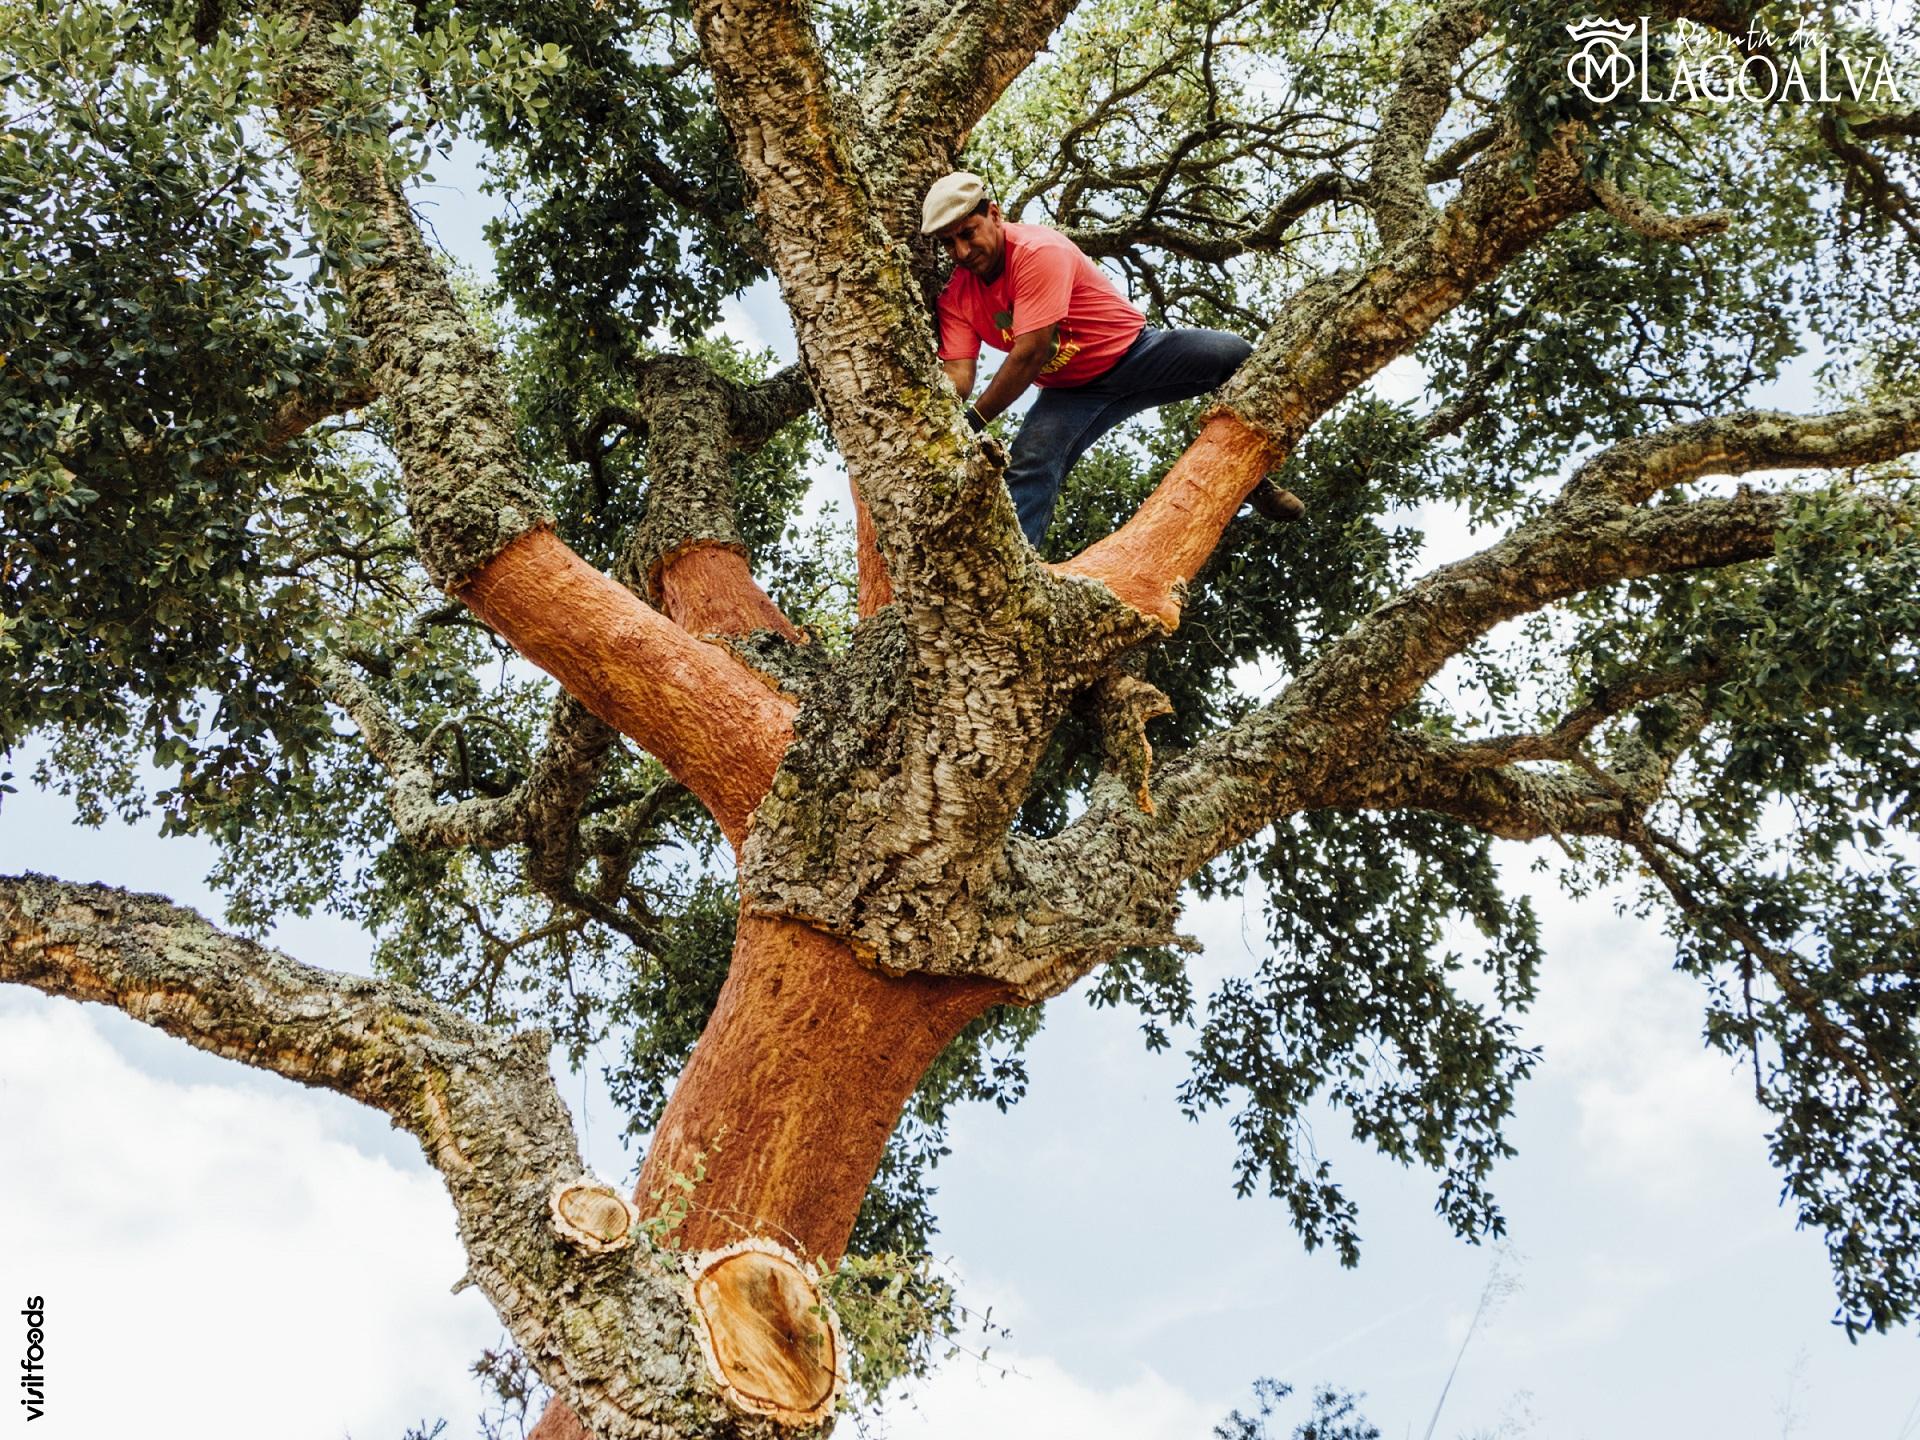 Quinta da Lagoalva – Cork Oak Harvest